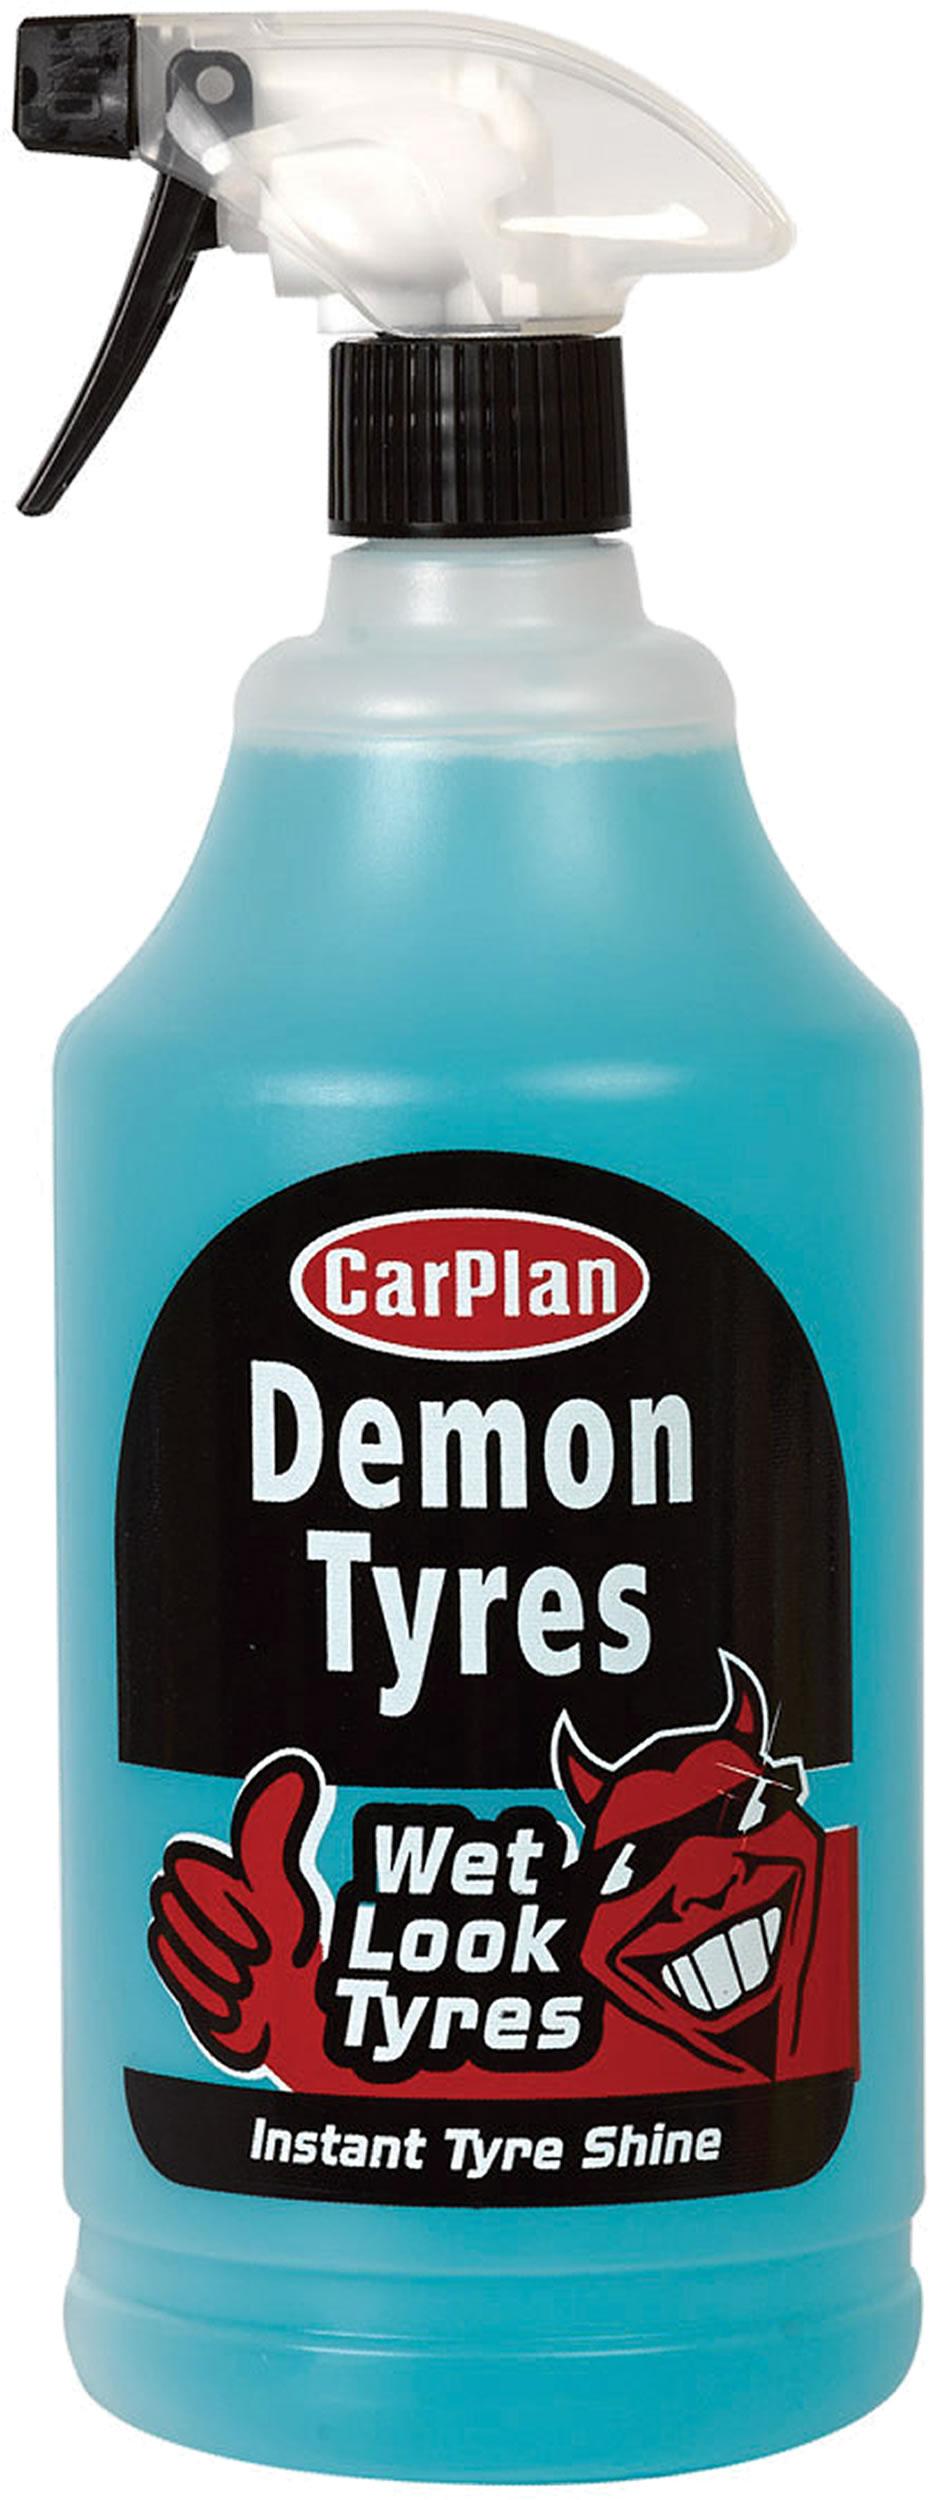 CarPlan Demon TYRES Эффект мокрых шин 1l ФИЛЬМ